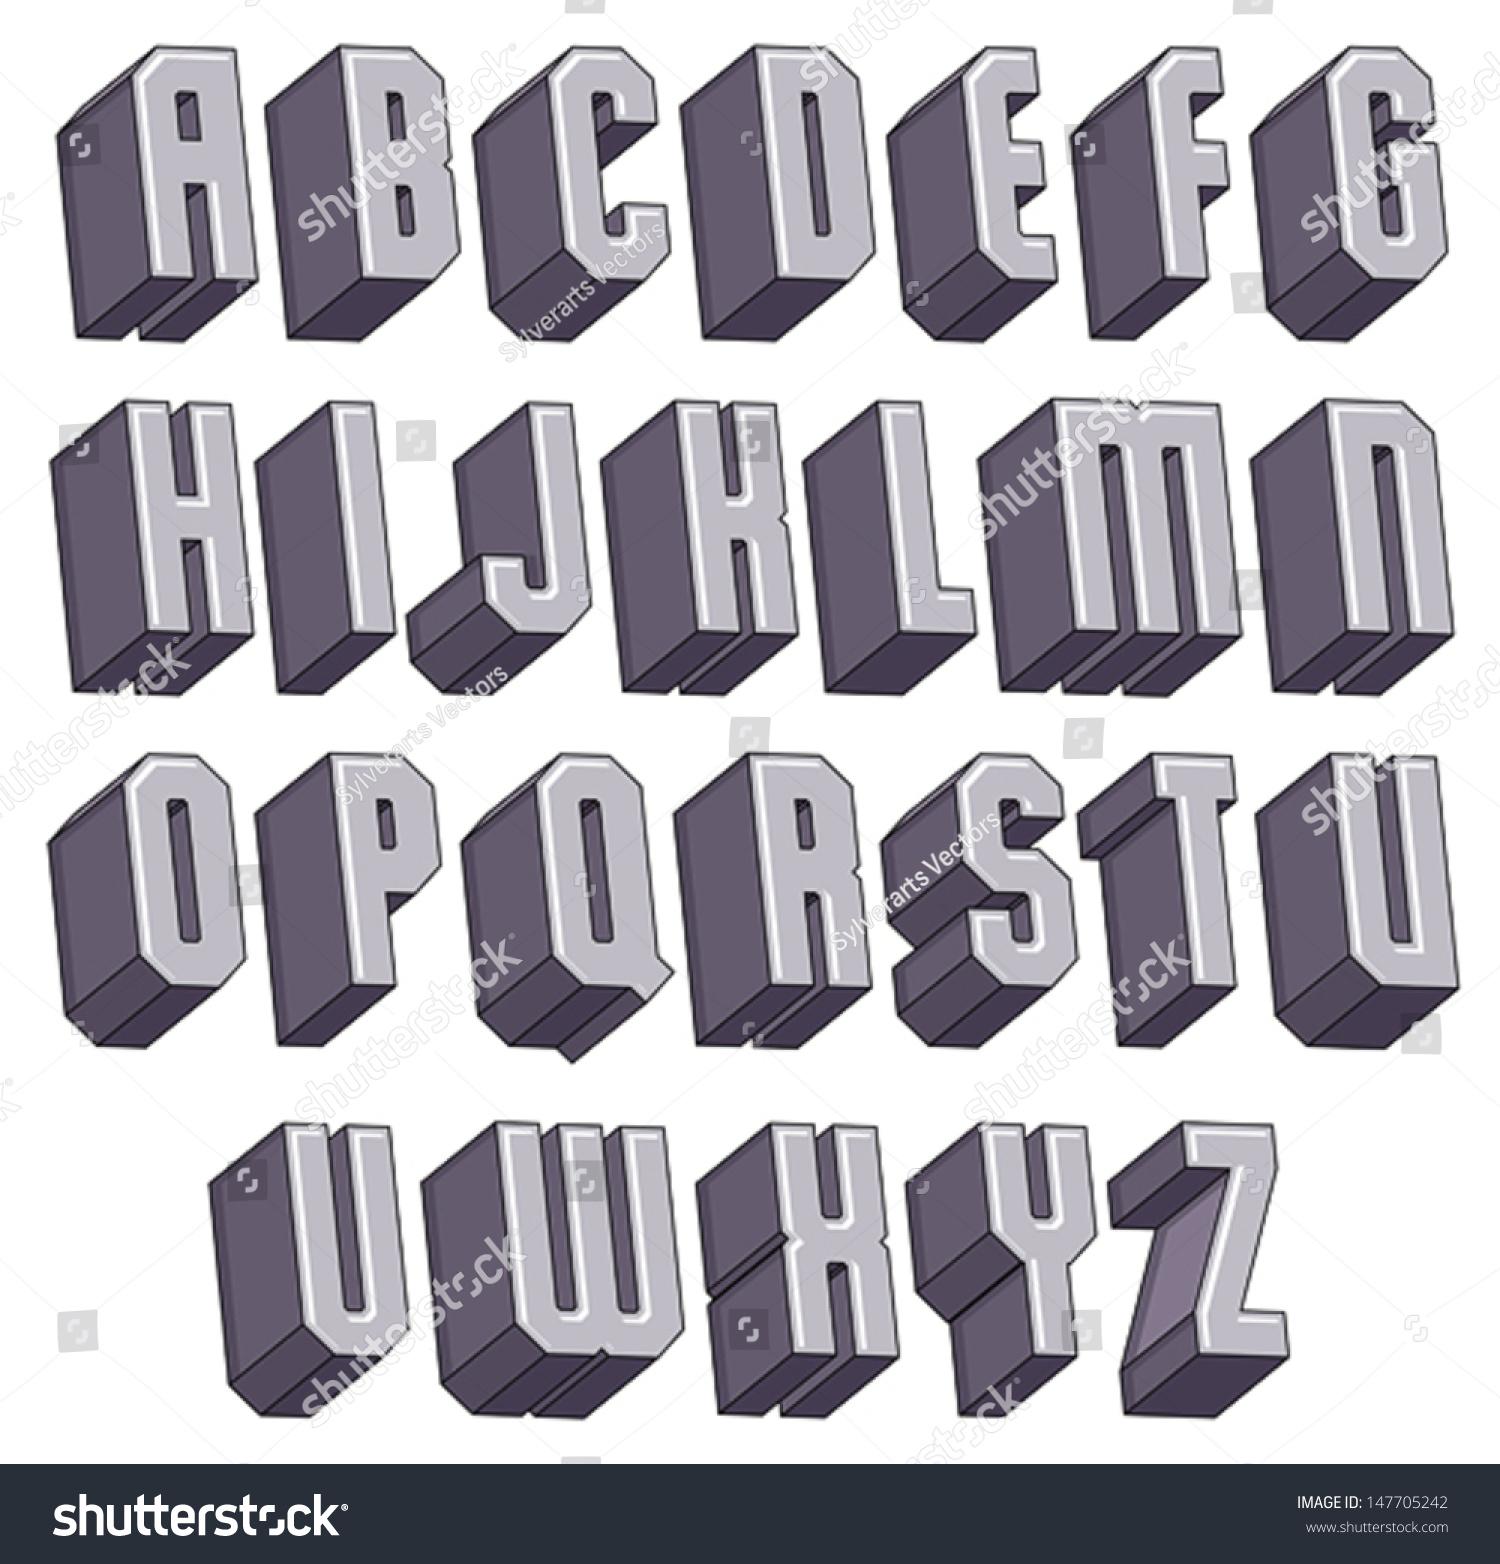 3d Geometric Bold Font Monochrome Dimensional Alphabet Heavy Letters For Design